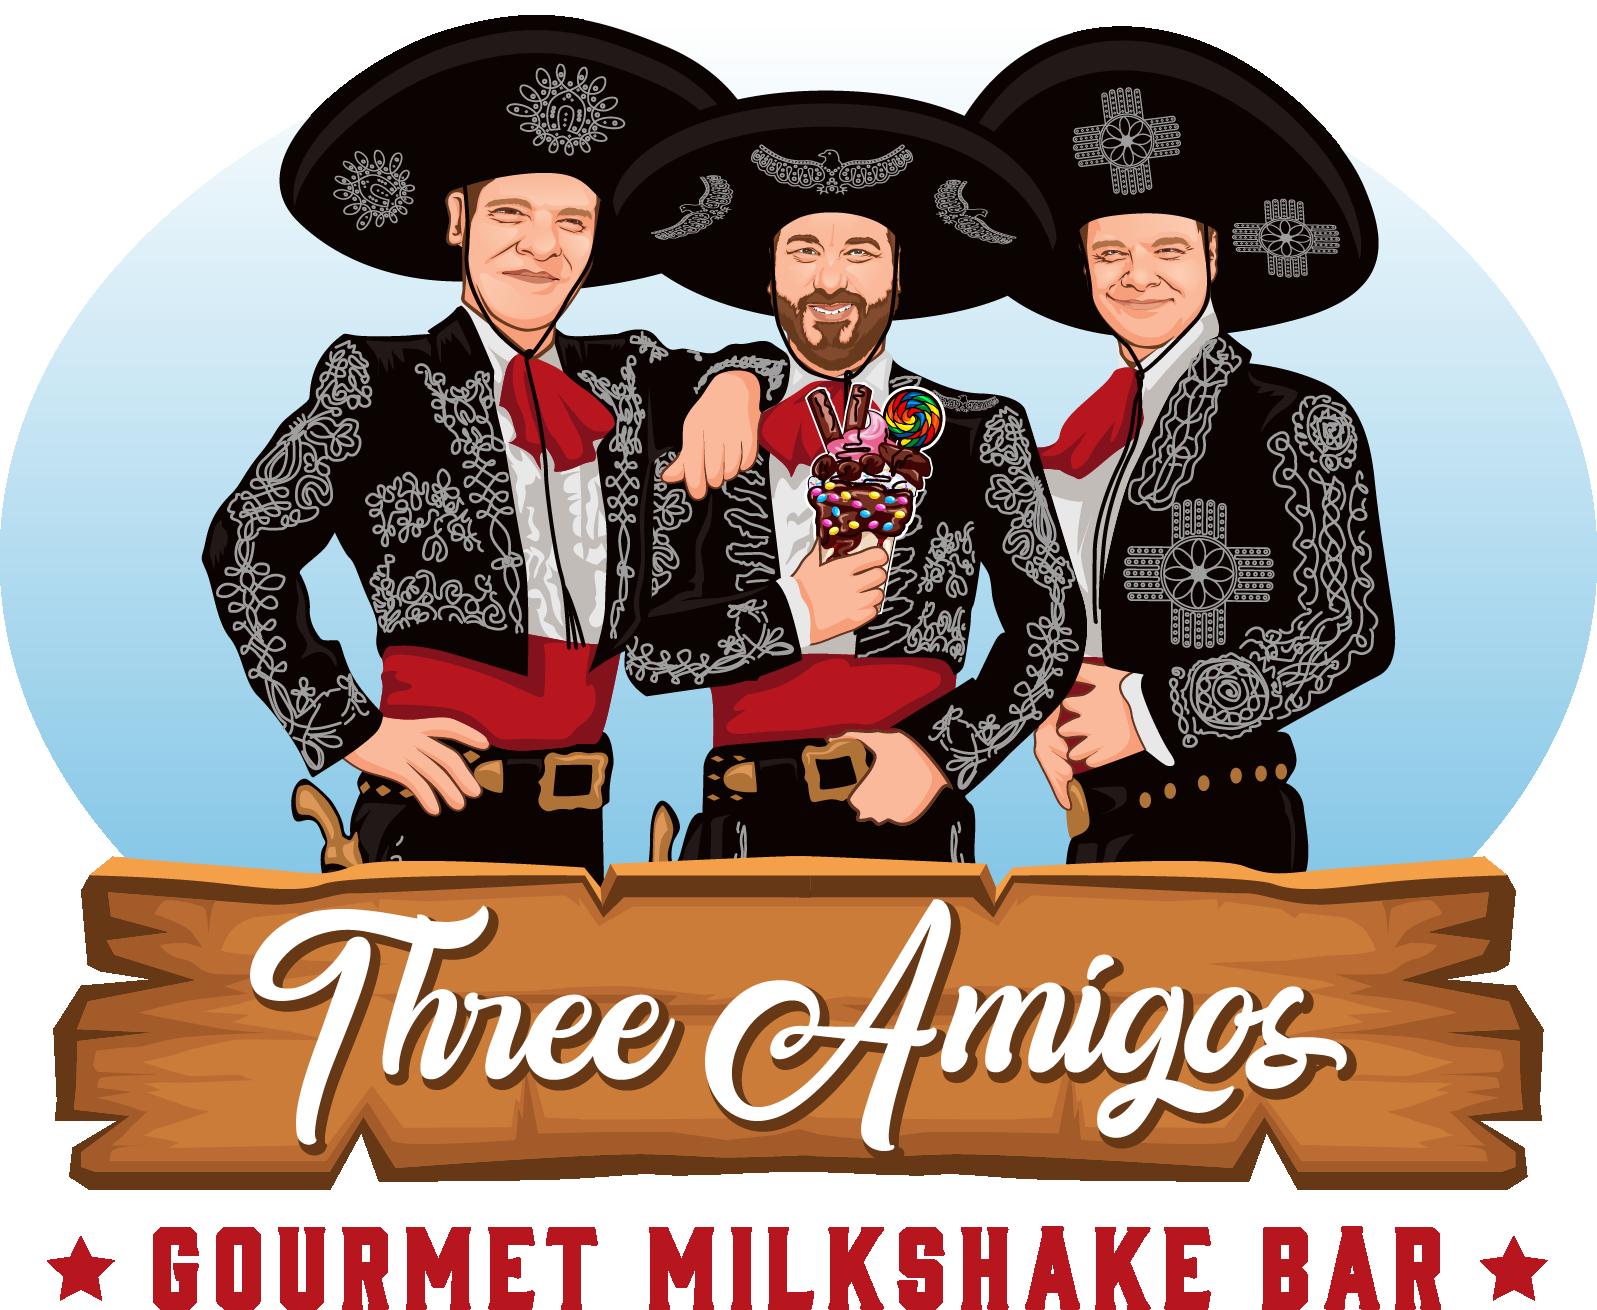 Needed...Logo for Gourtmet Milkshake Shop...Three Amigos!